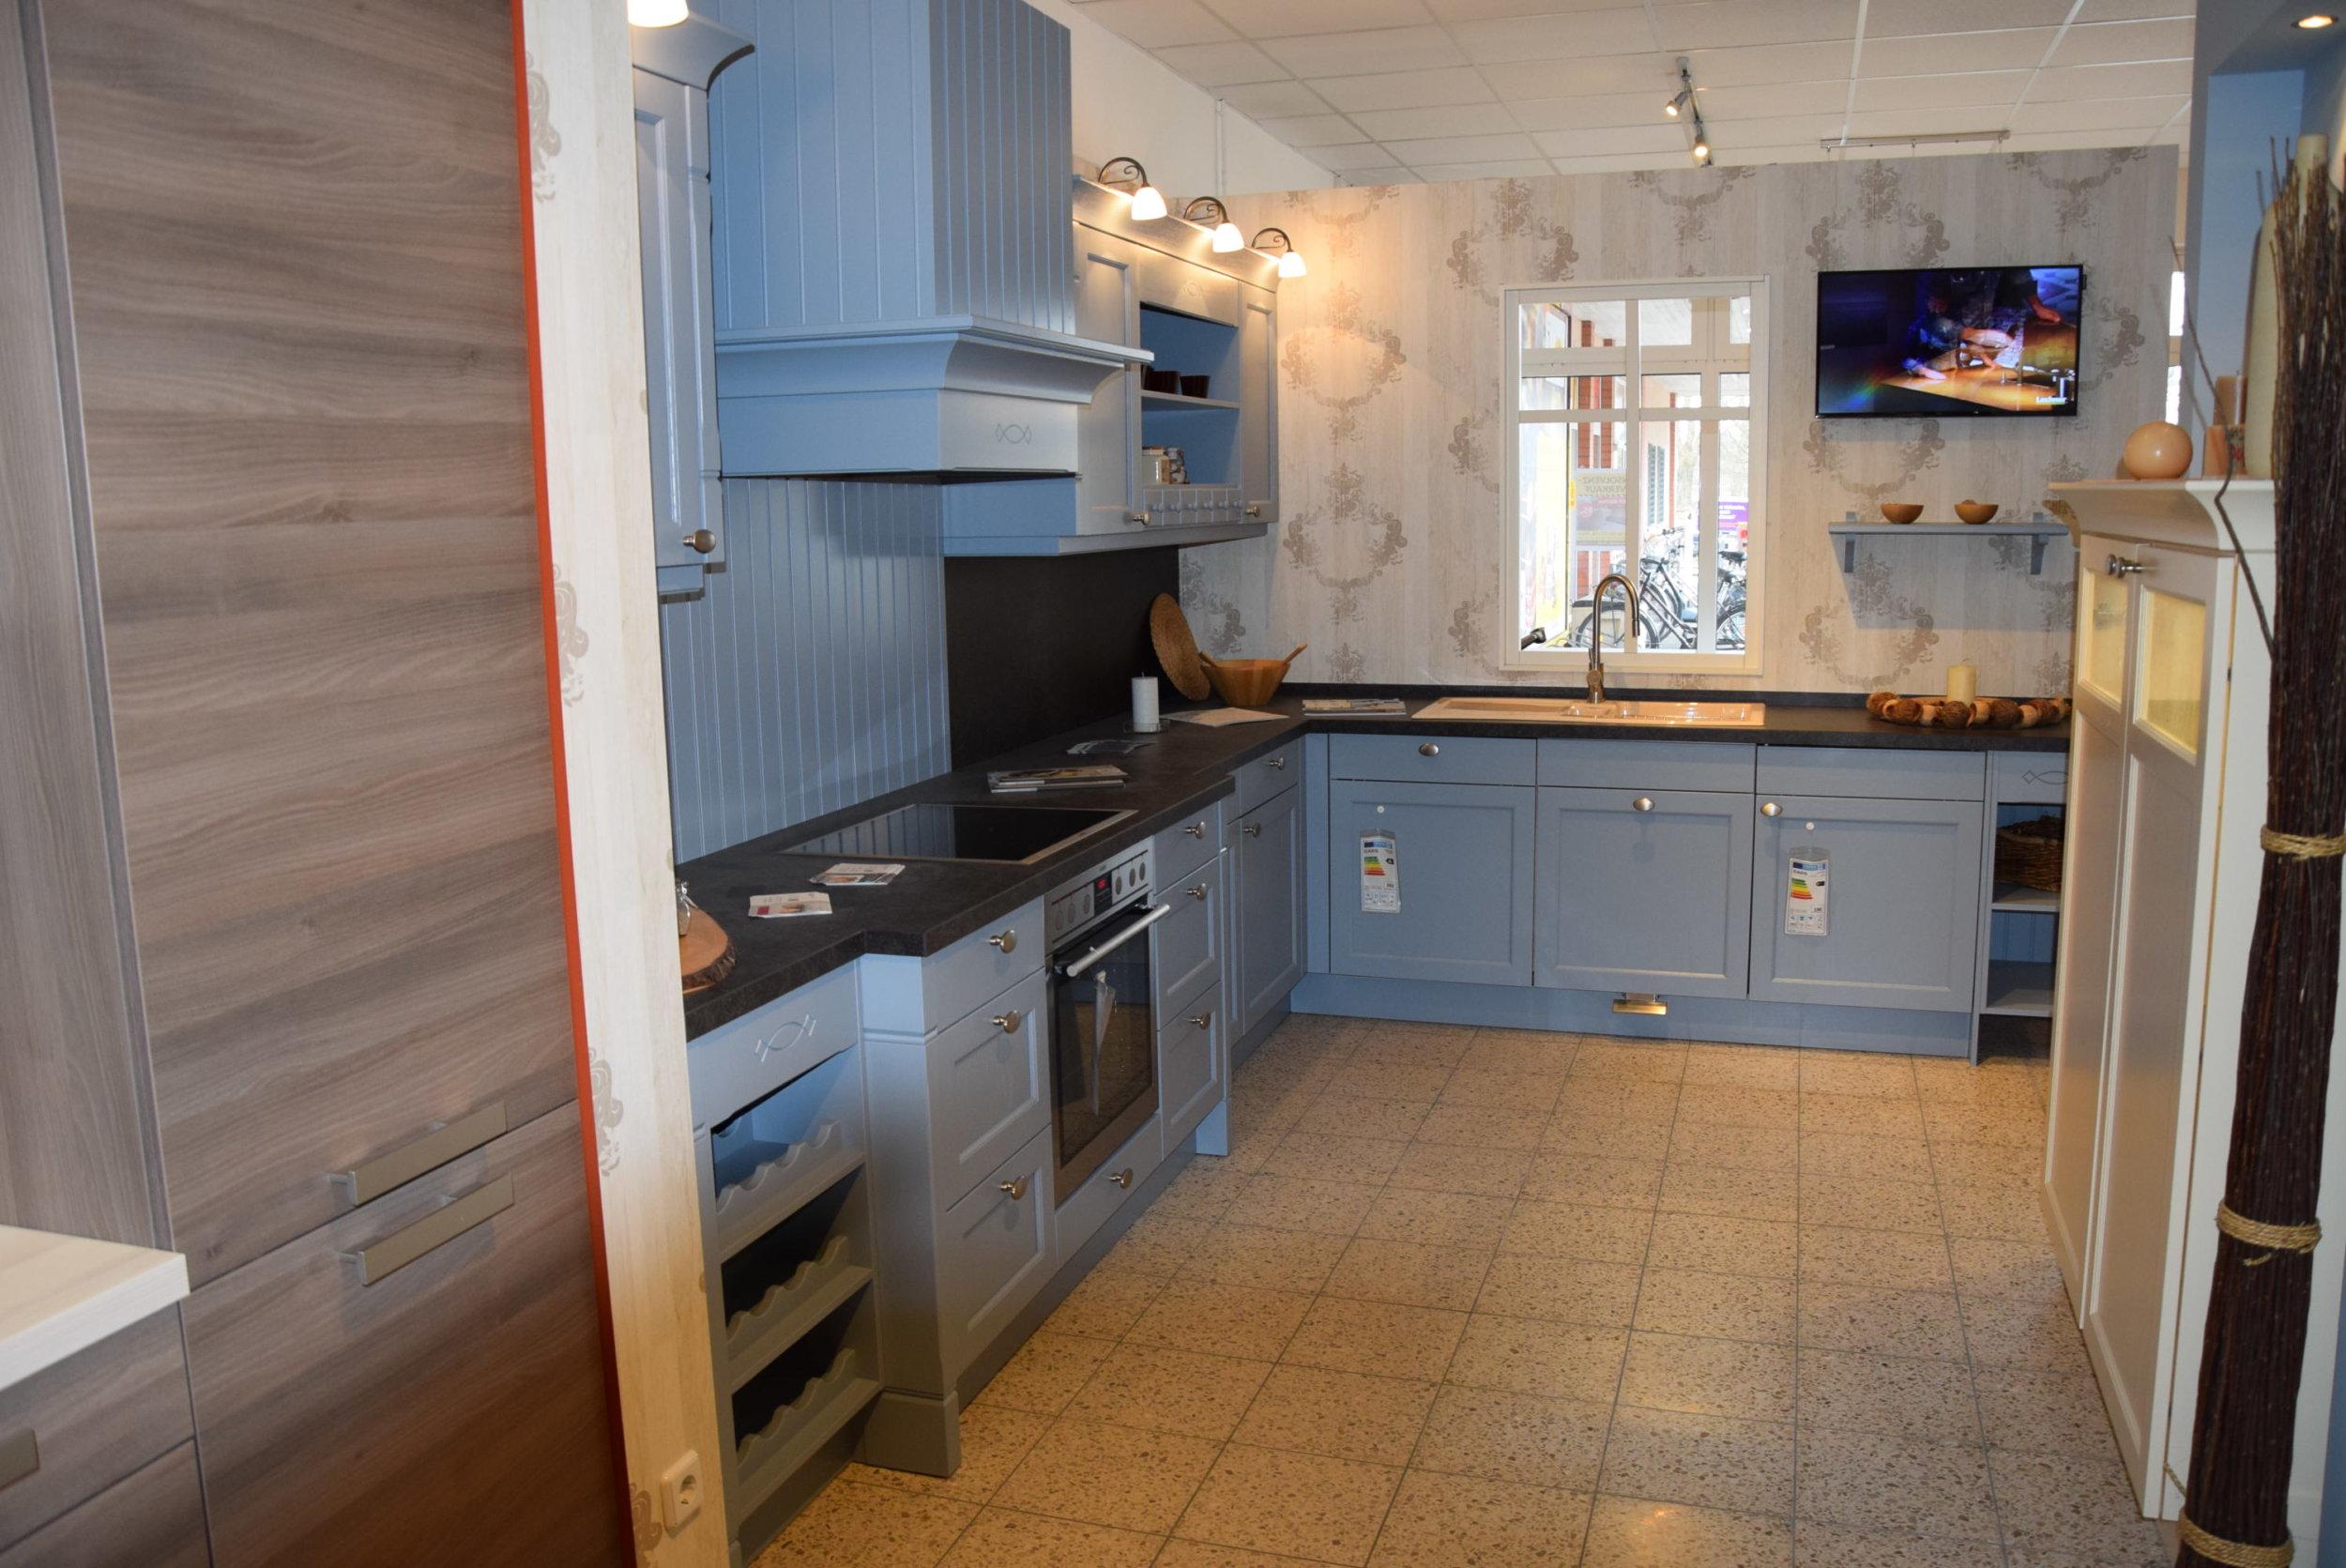 Full Size of Küche Günstig Kaufen Mit Elektrogeräten Küche Günstig Kaufen Gebraucht Weiße Ware Küche Günstig Kaufen Einbaugeräte Küche Günstig Kaufen Küche Küche Günstig Kaufen